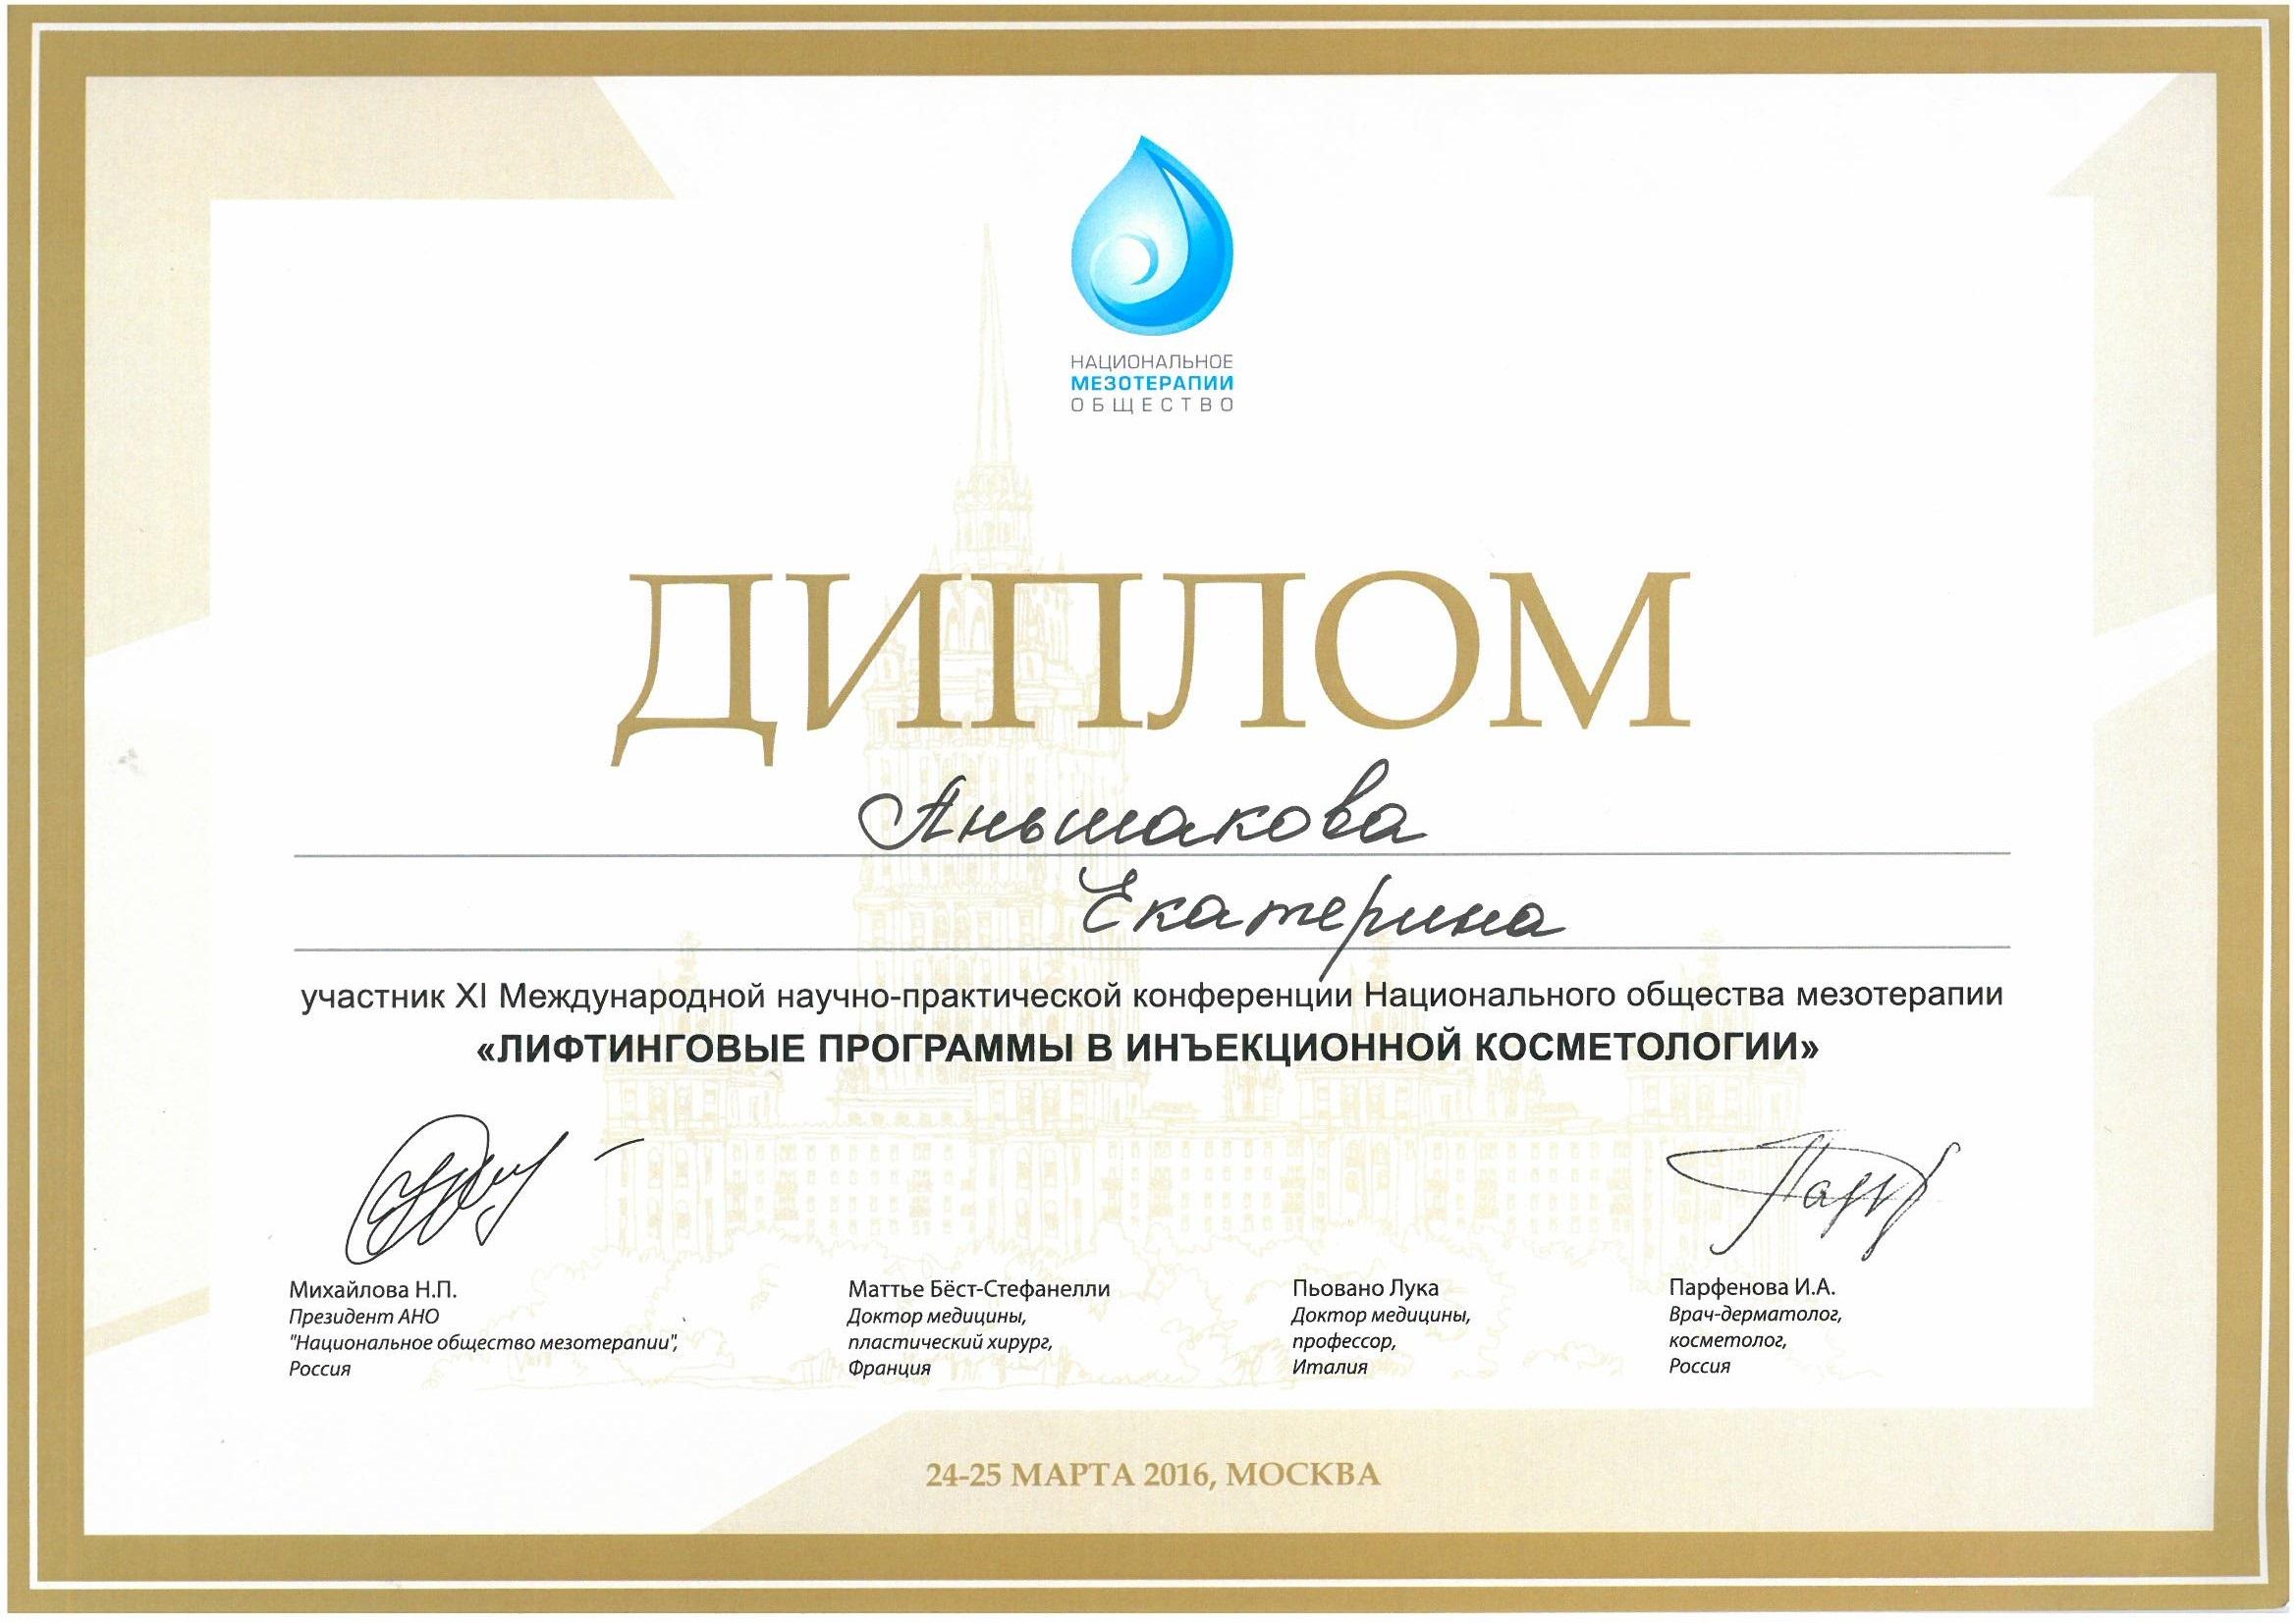 Салон красоты Леда Дипломы и сертификаты салона красоты Лифтинговые программы в инъекционной косметологии